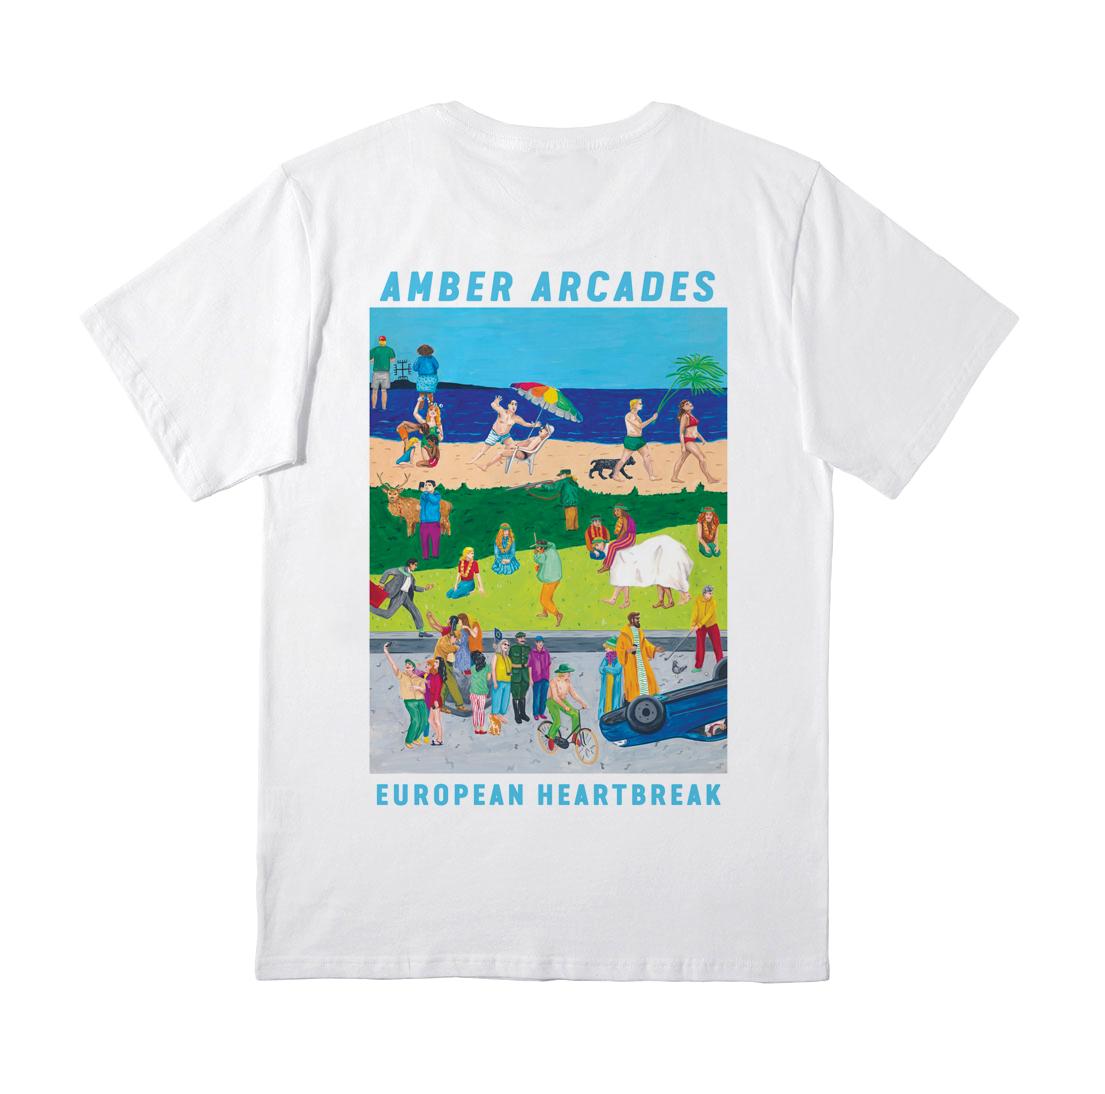 European Heartbreak T-Shirt - Amber Arcades